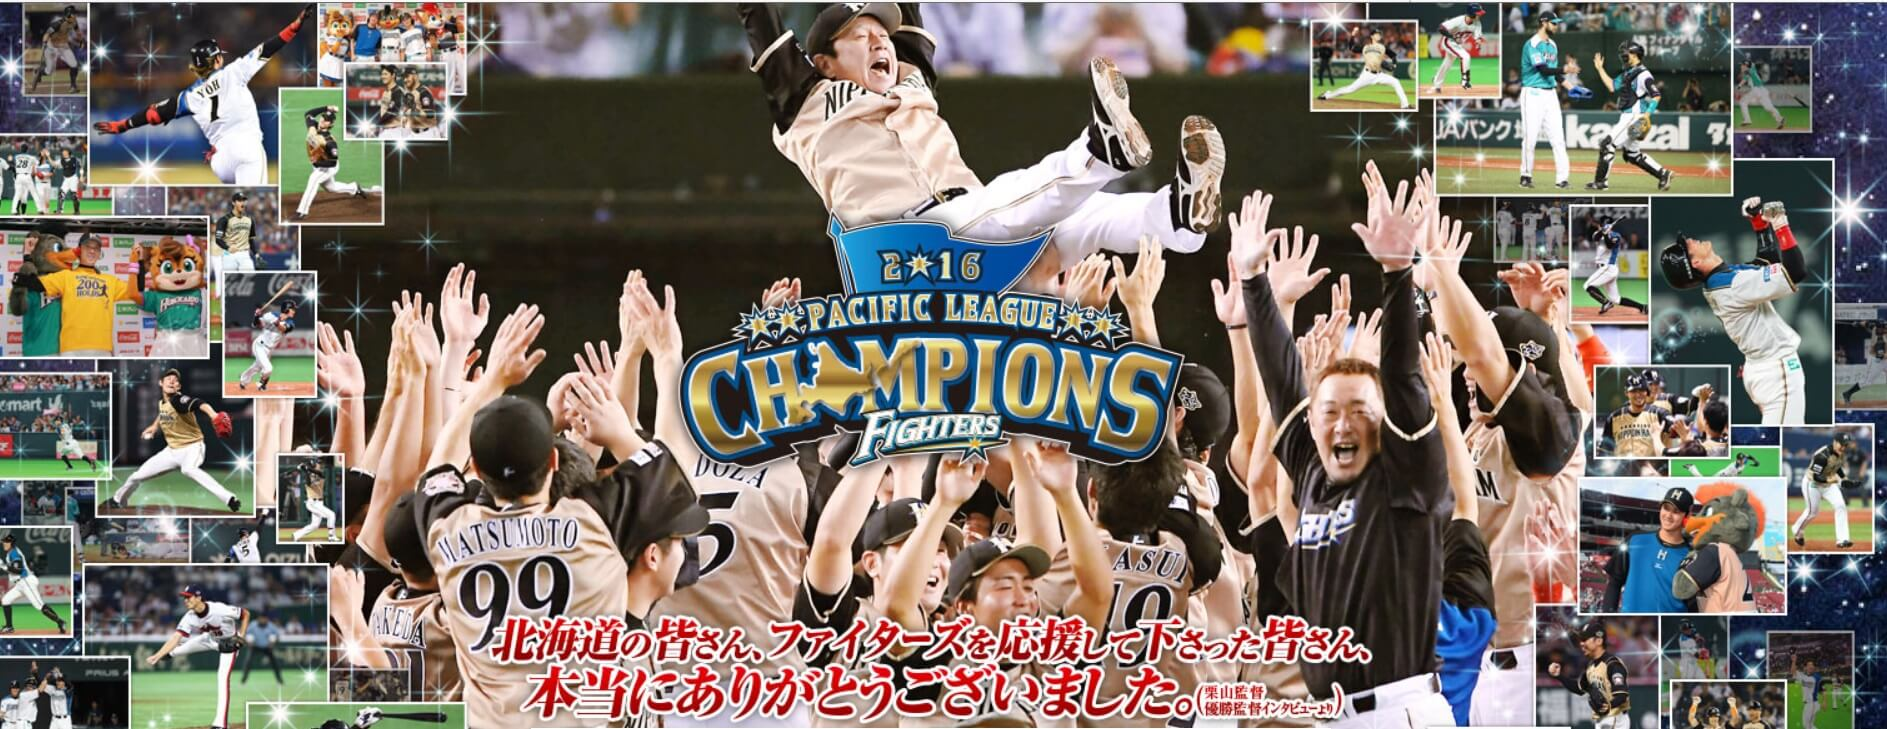 北海道日本ハムファイターズ パ・リーグ優勝おめでとう!